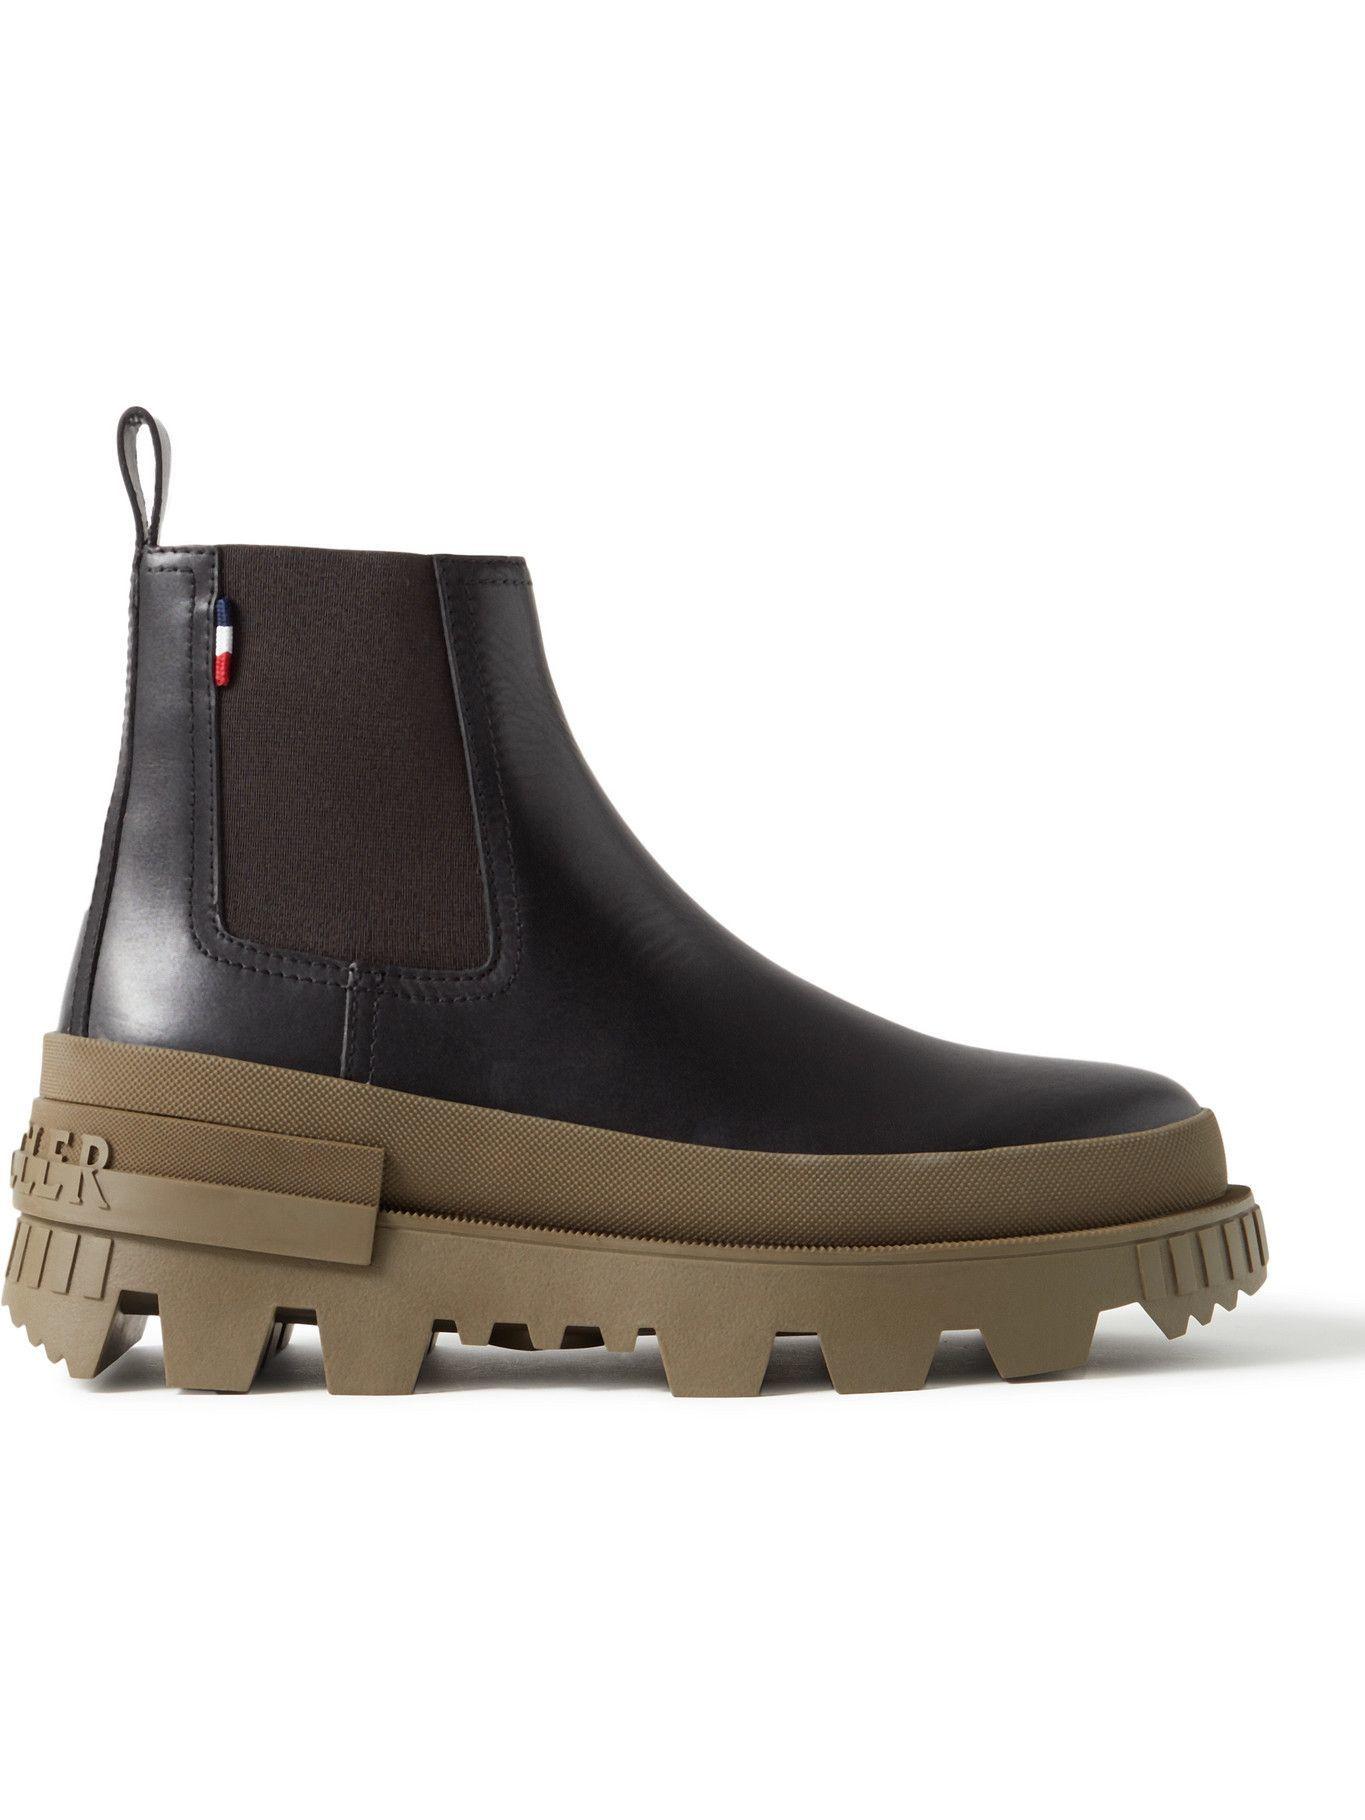 Photo: Moncler - Lir Leather Chelsea Boots - Black